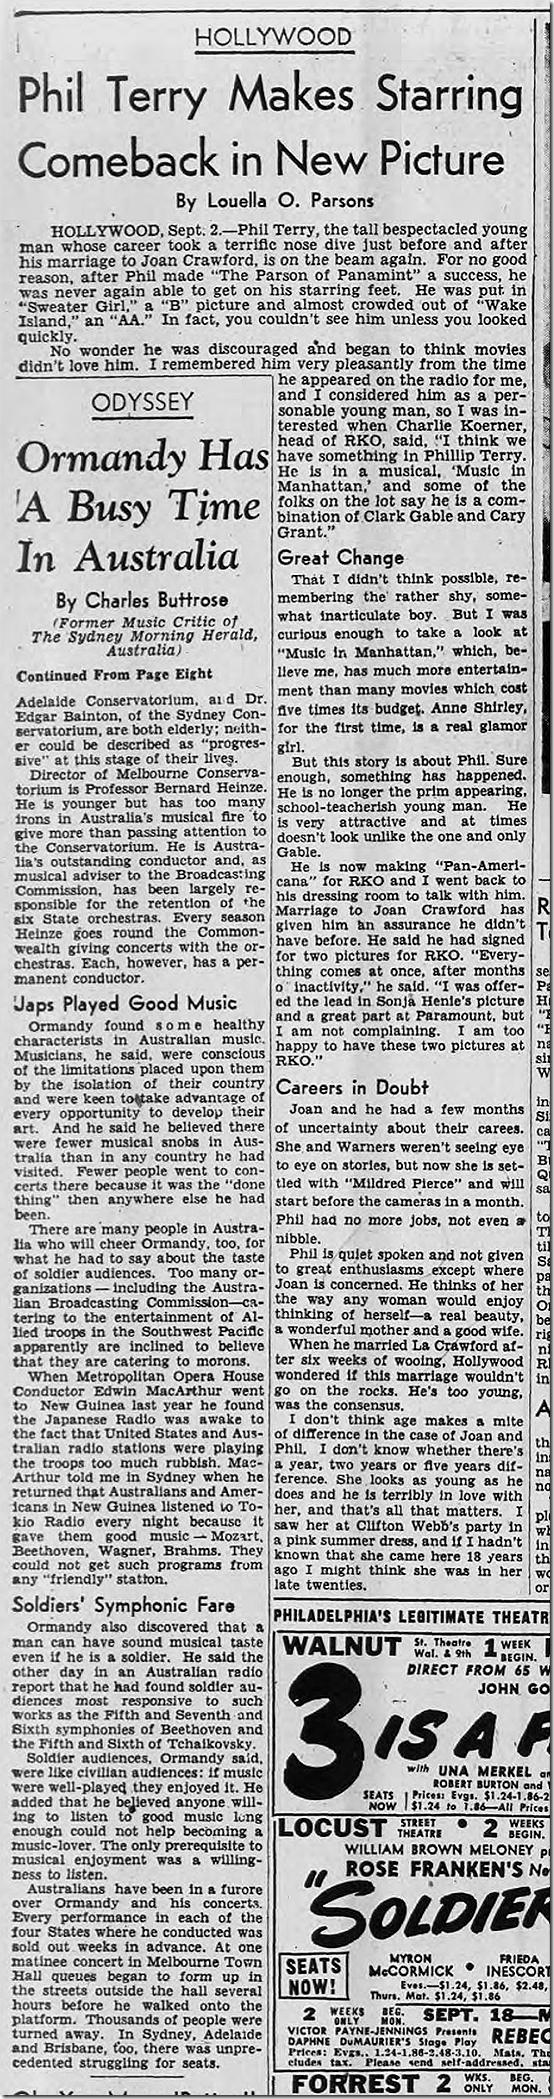 Sept. 3, 1944, Louella Parons